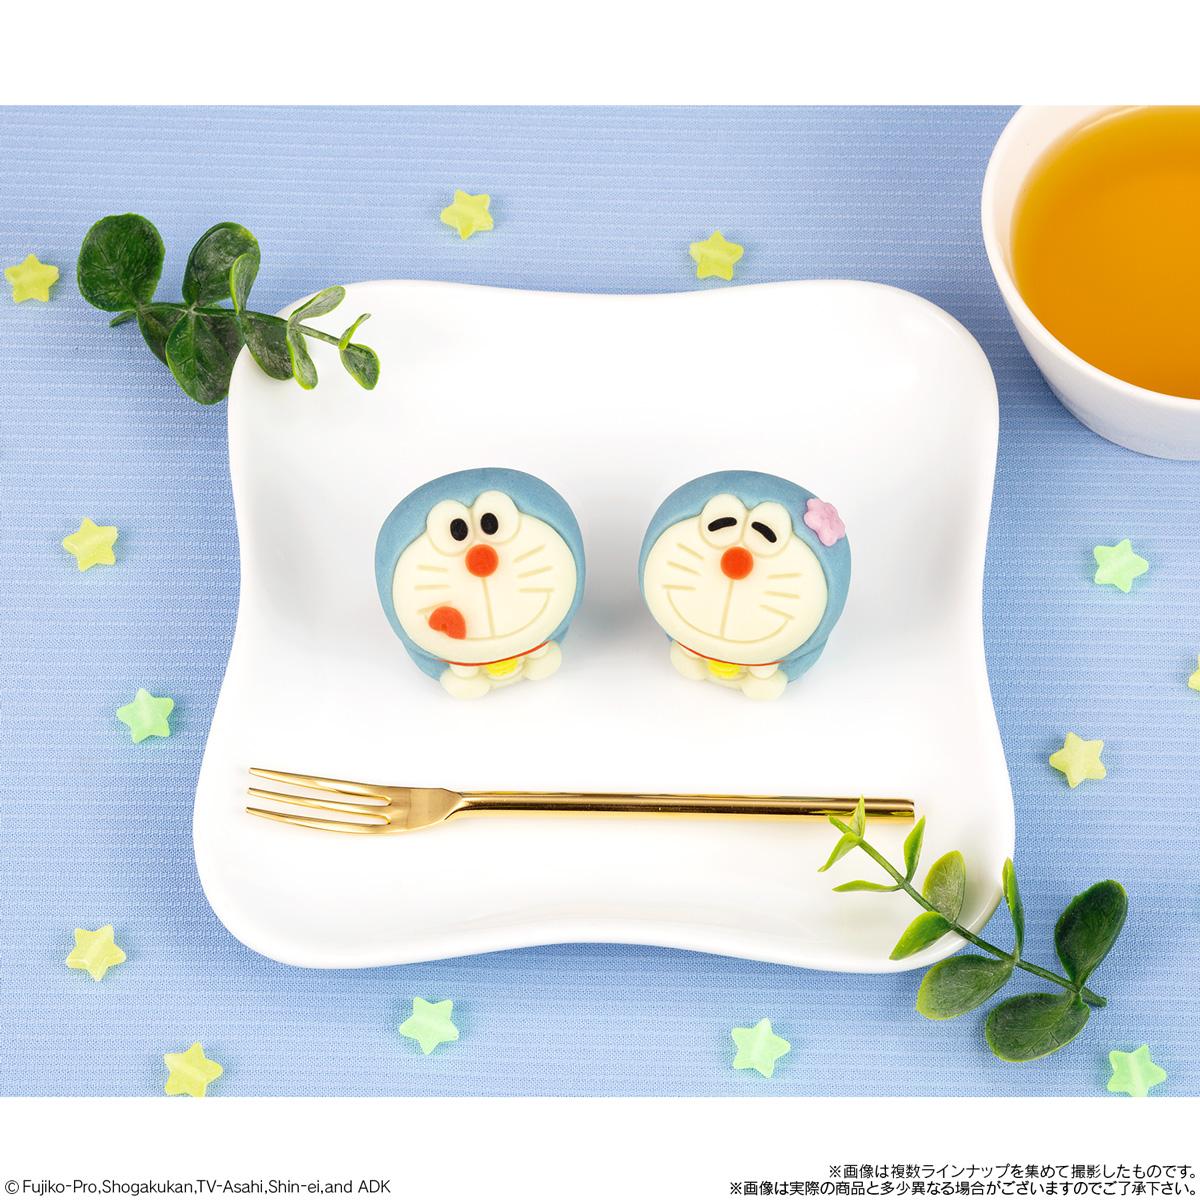 「ドラえもん」がキャラクター和菓子「食べマス」に登場!舌ぺろおちゃめ顔&桜を頭に乗せたのんびり顔が展開